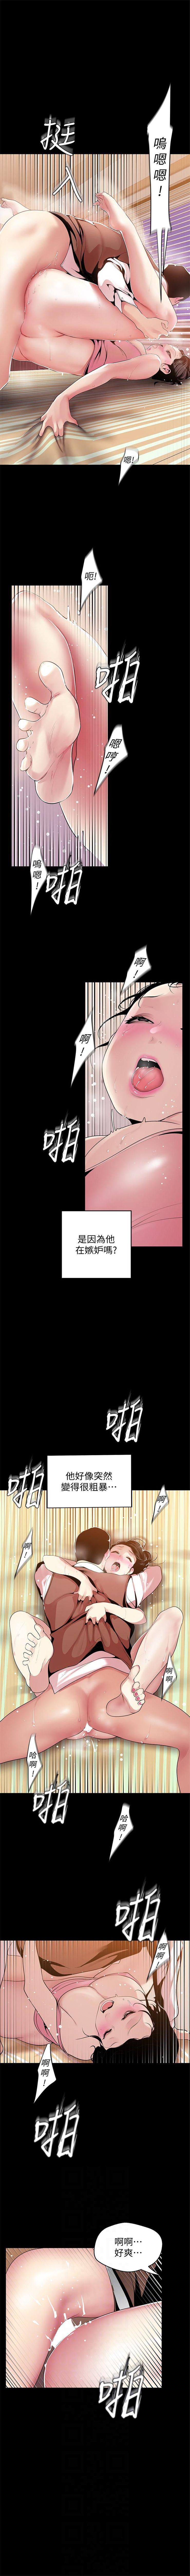 (週1)美麗新世界 1-70 中文翻譯 (更新中) 393